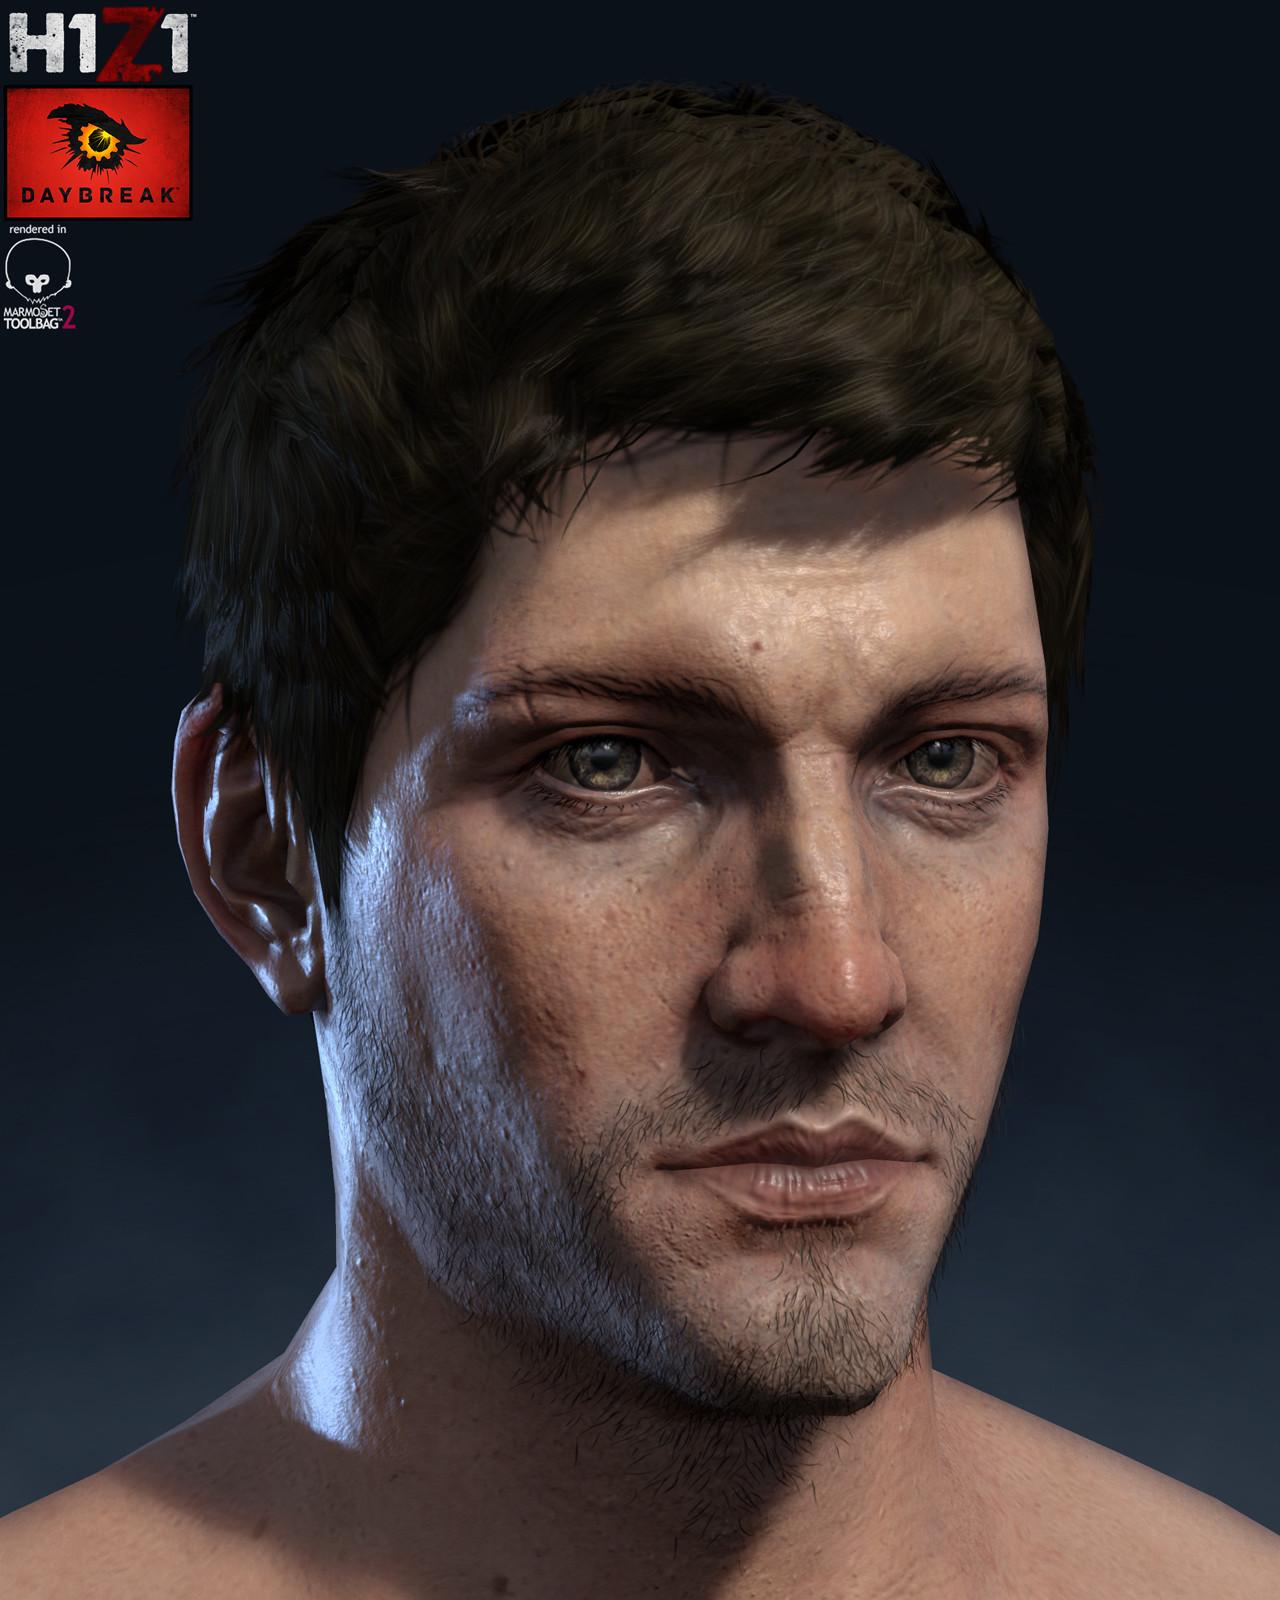 H1Z1 Human Male Head Render WIP